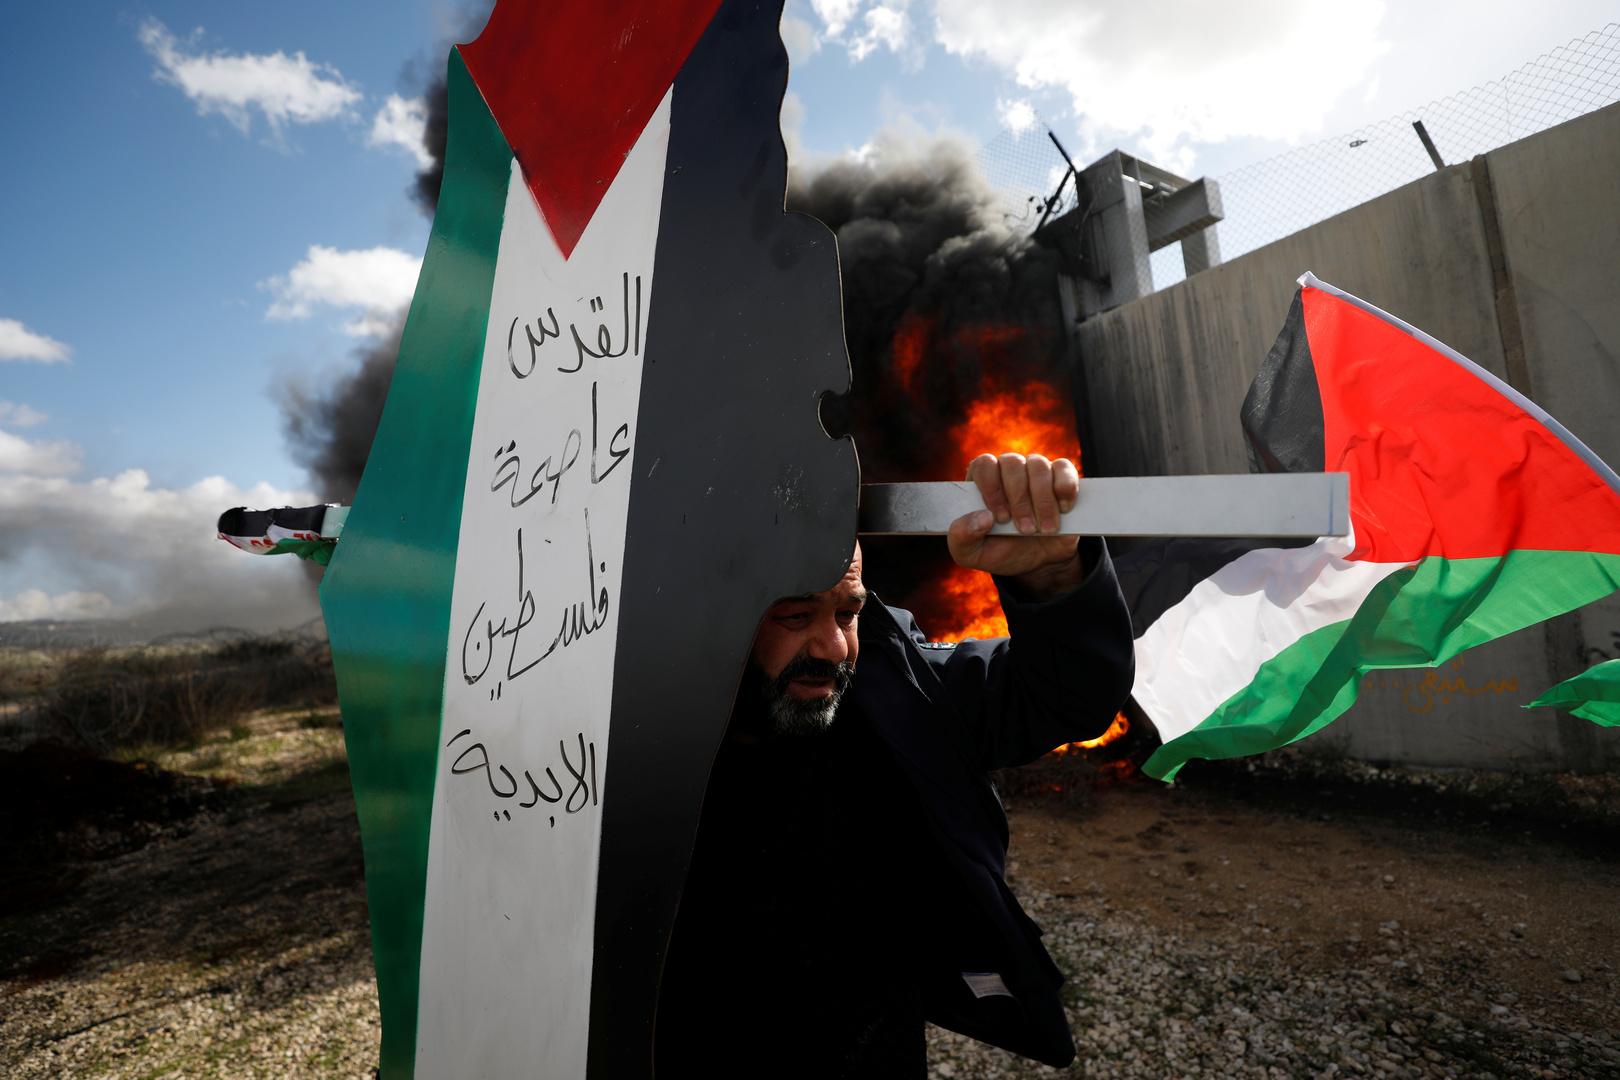 إصابات بين الفلسطينيين خلال تفريق الجيش الإسرائيلي مسيرة في كفر قدوم